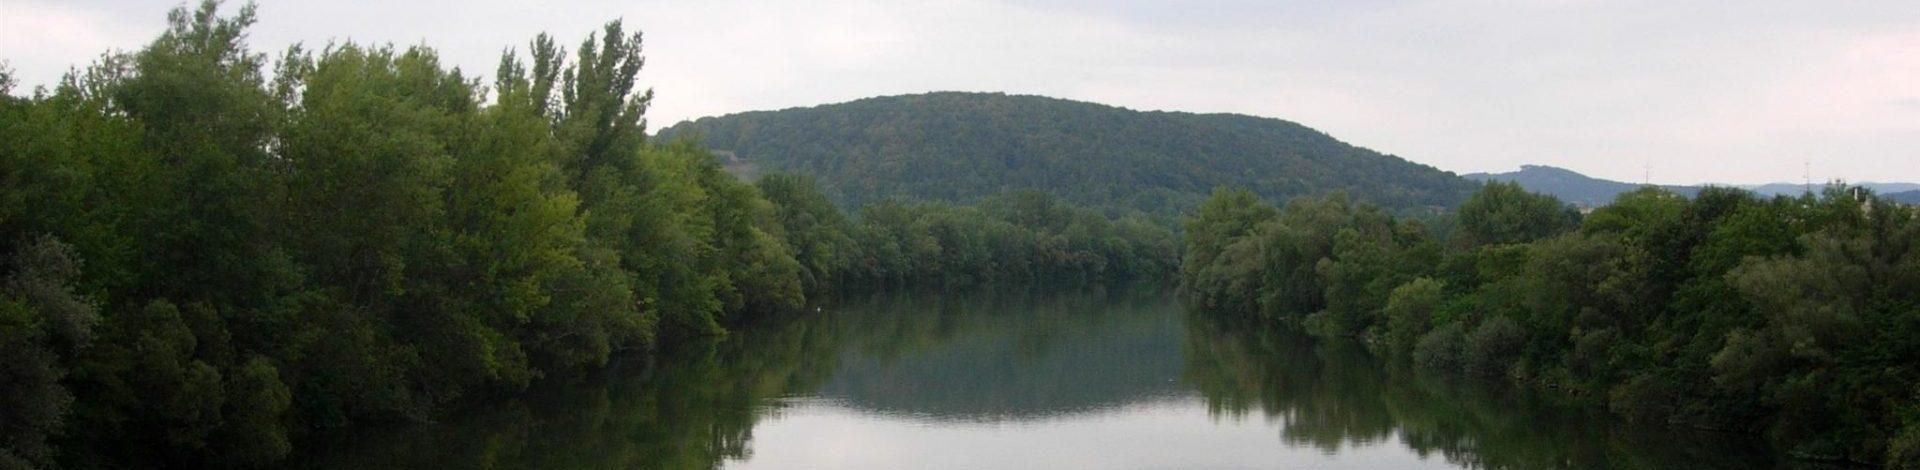 Trencin-Slovakia